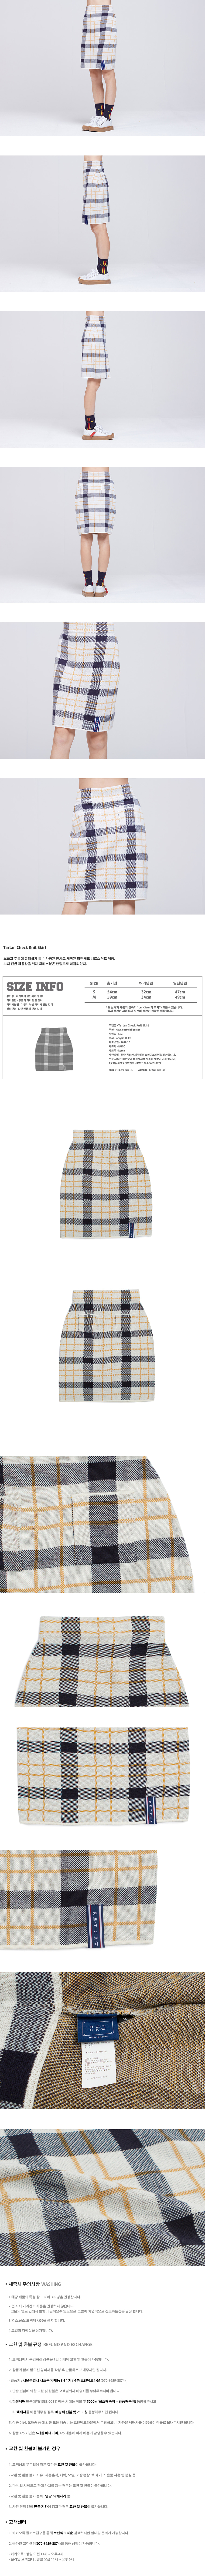 로맨틱크라운(ROMANTIC CROWN) Tartan Check Knit Skirt_Oatmeal